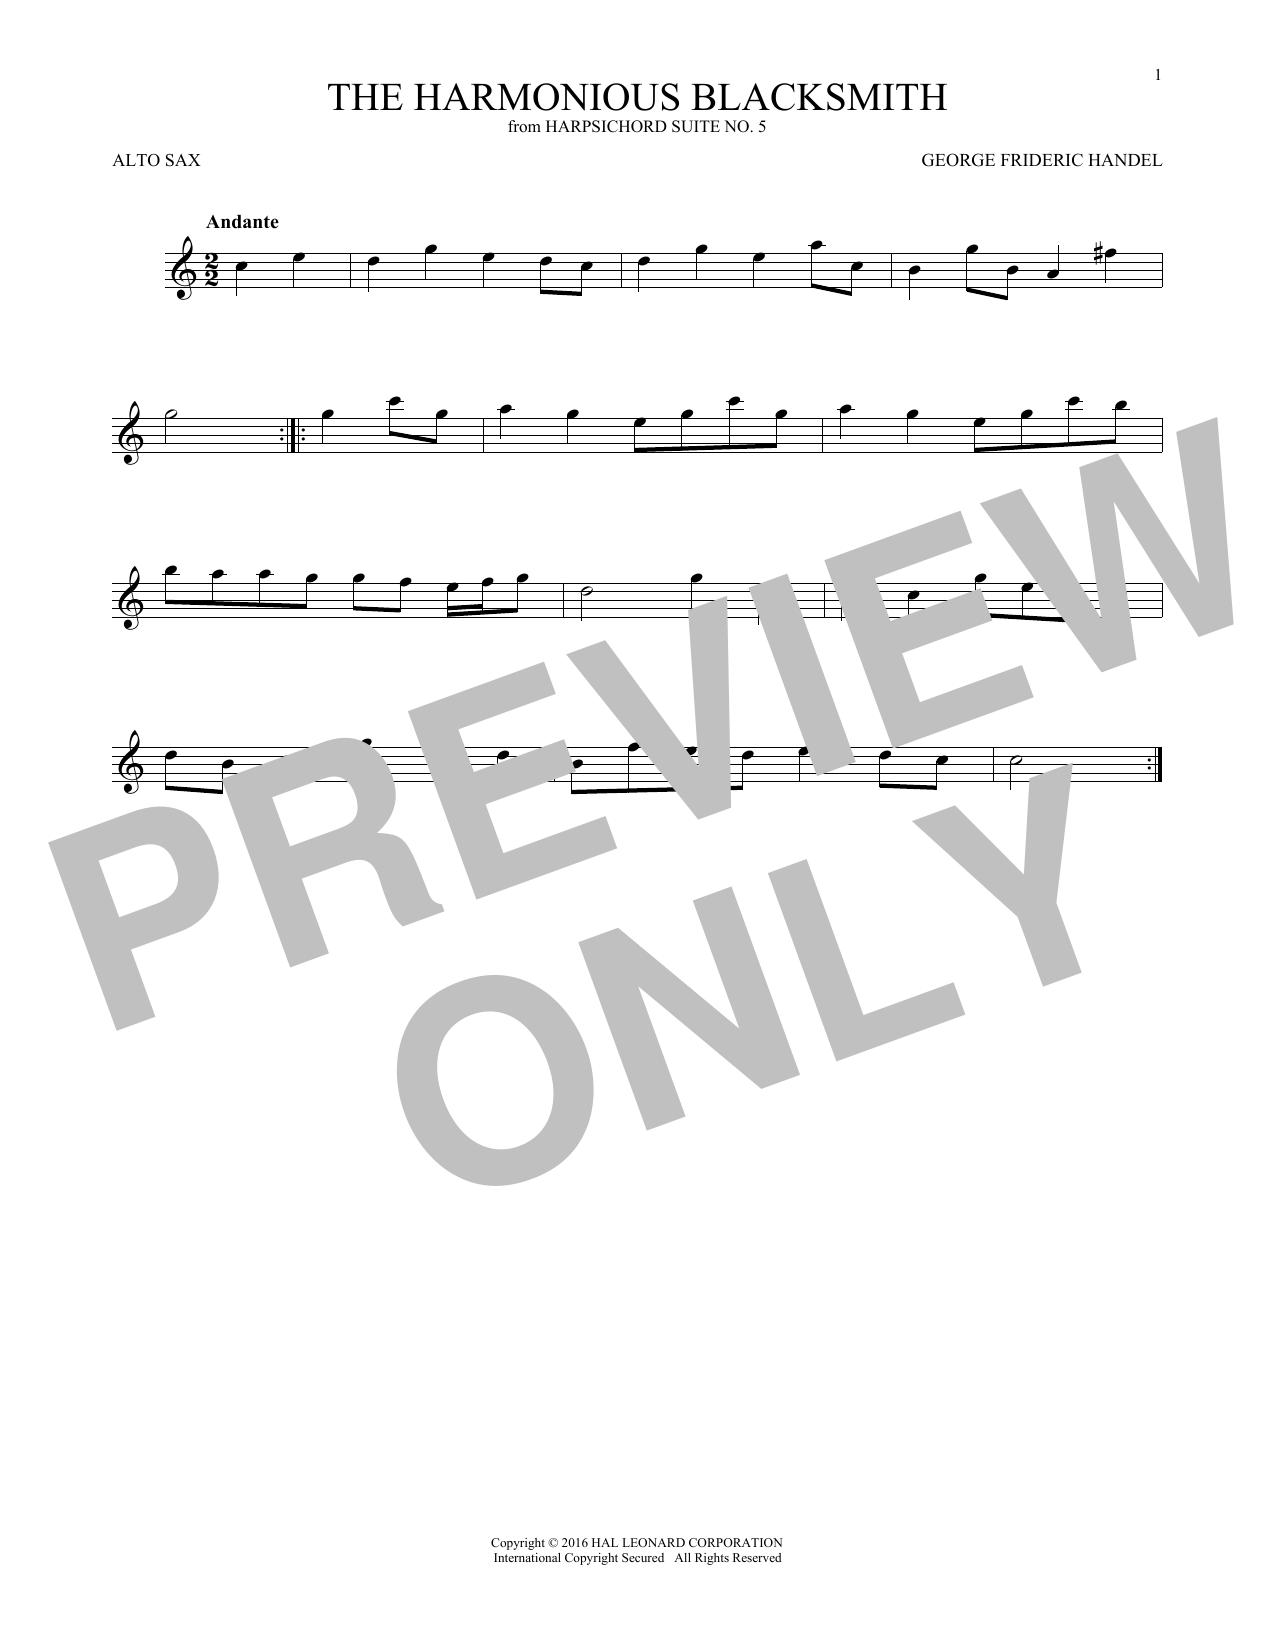 Harmonious Blacksmith (Alto Sax Solo)